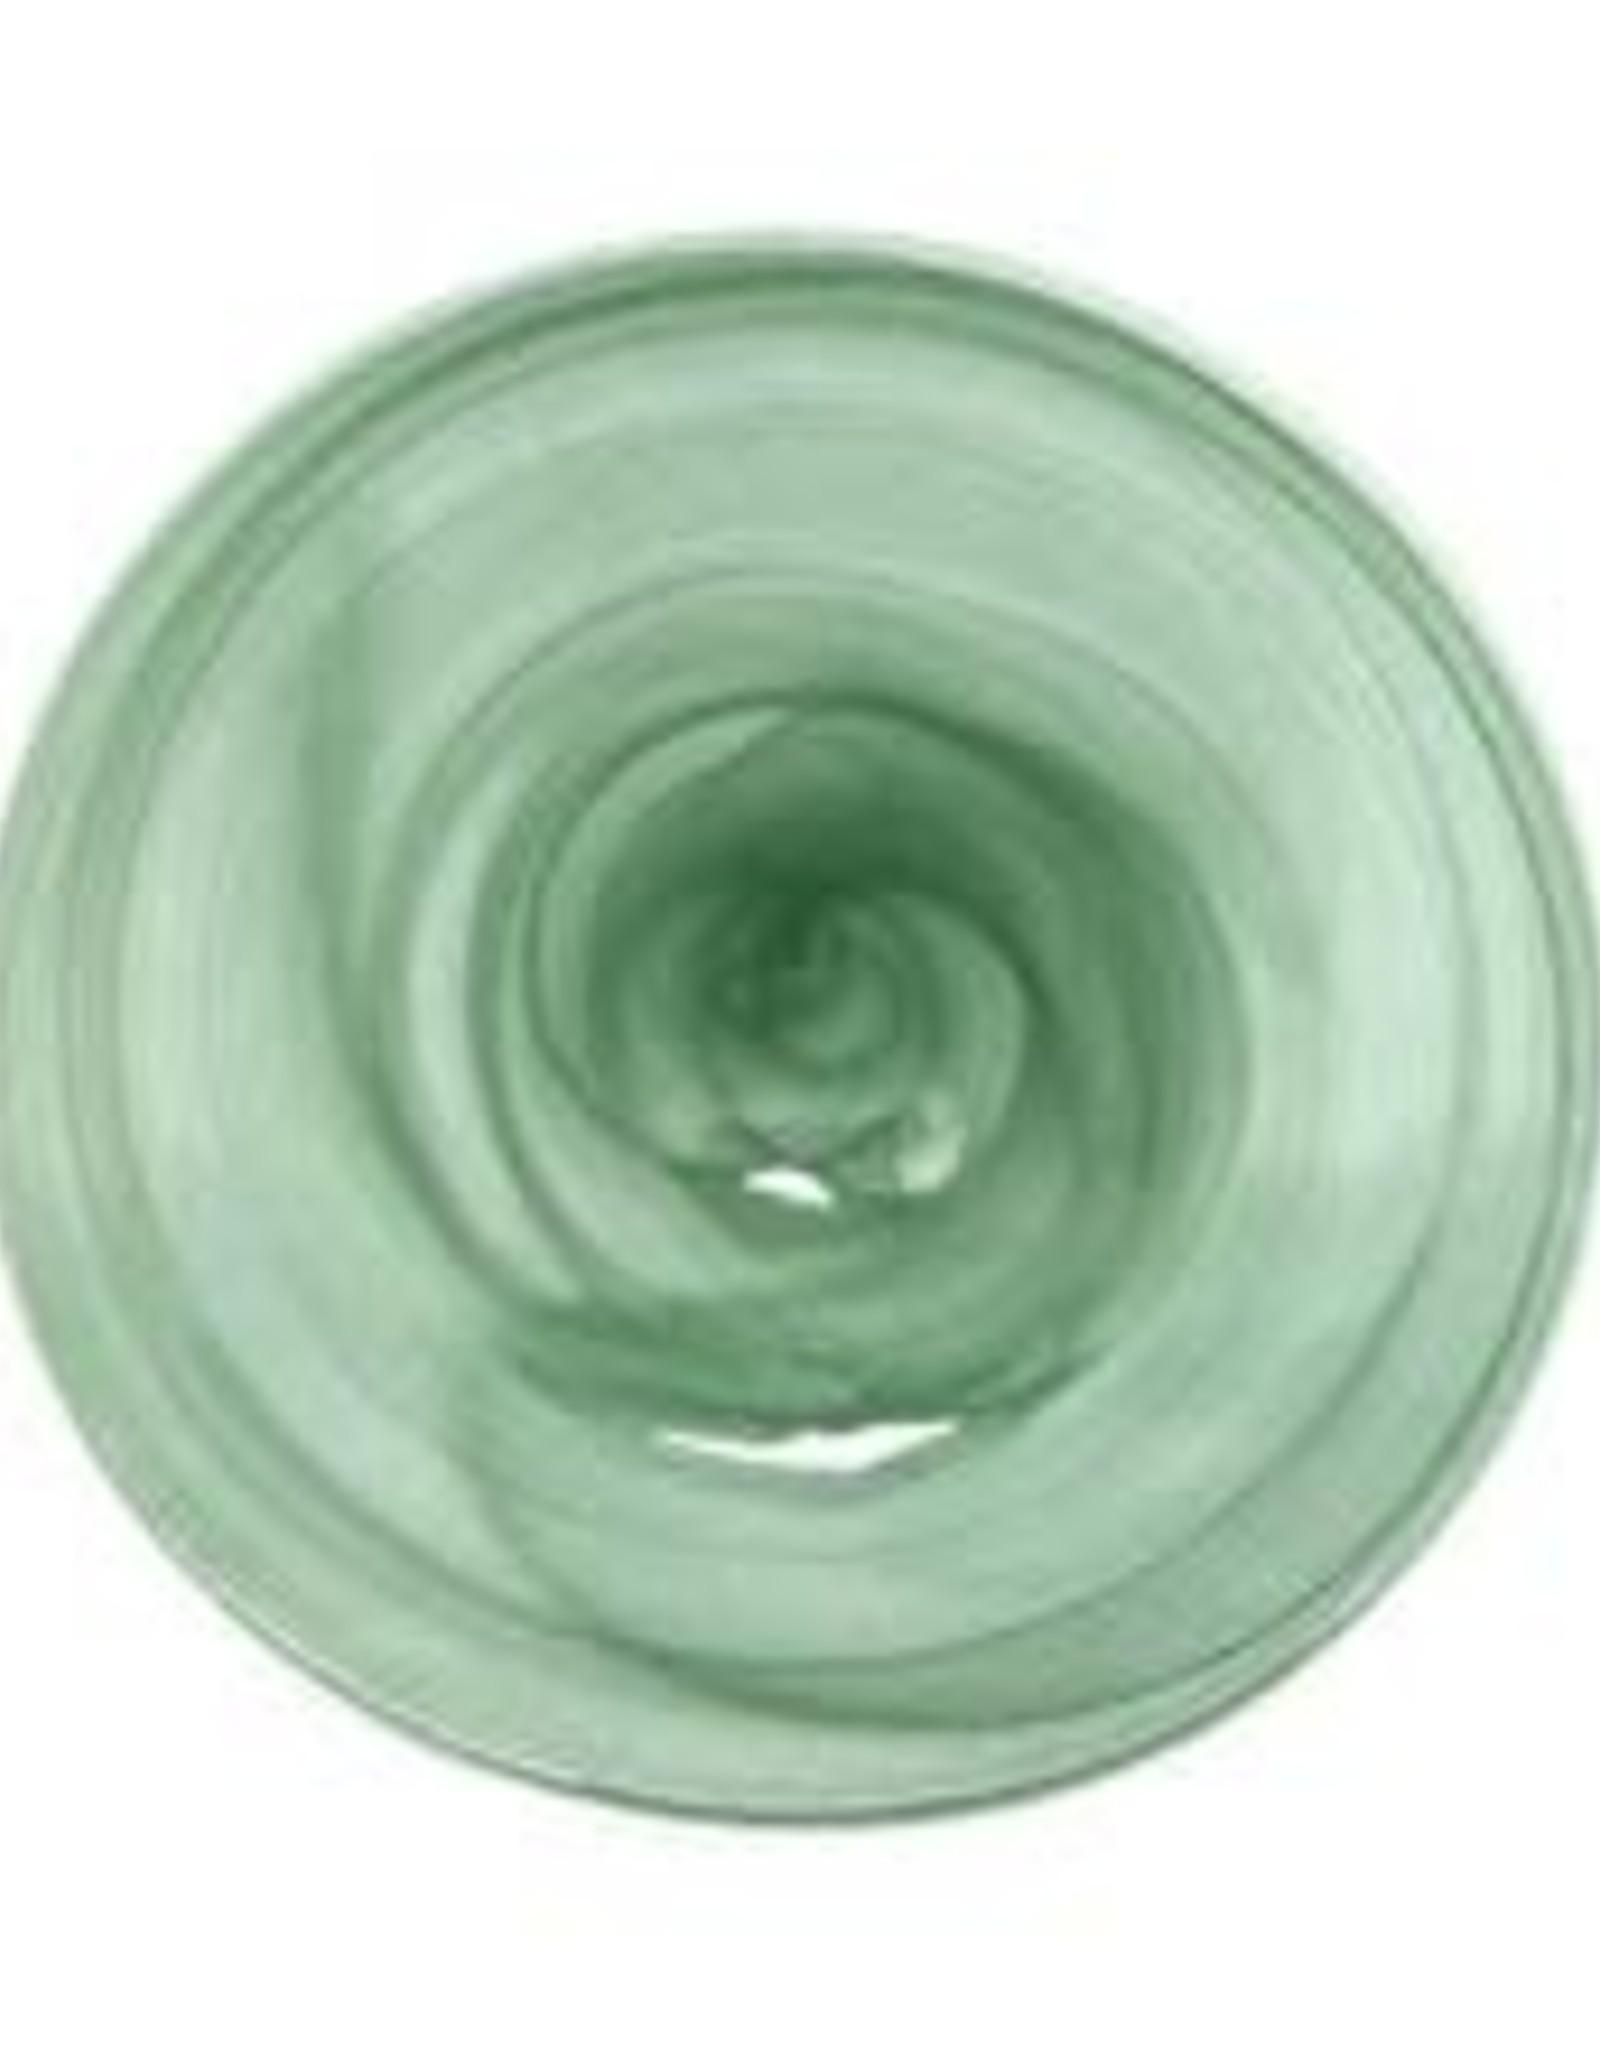 Mariposa Alabaster Green Large Platter